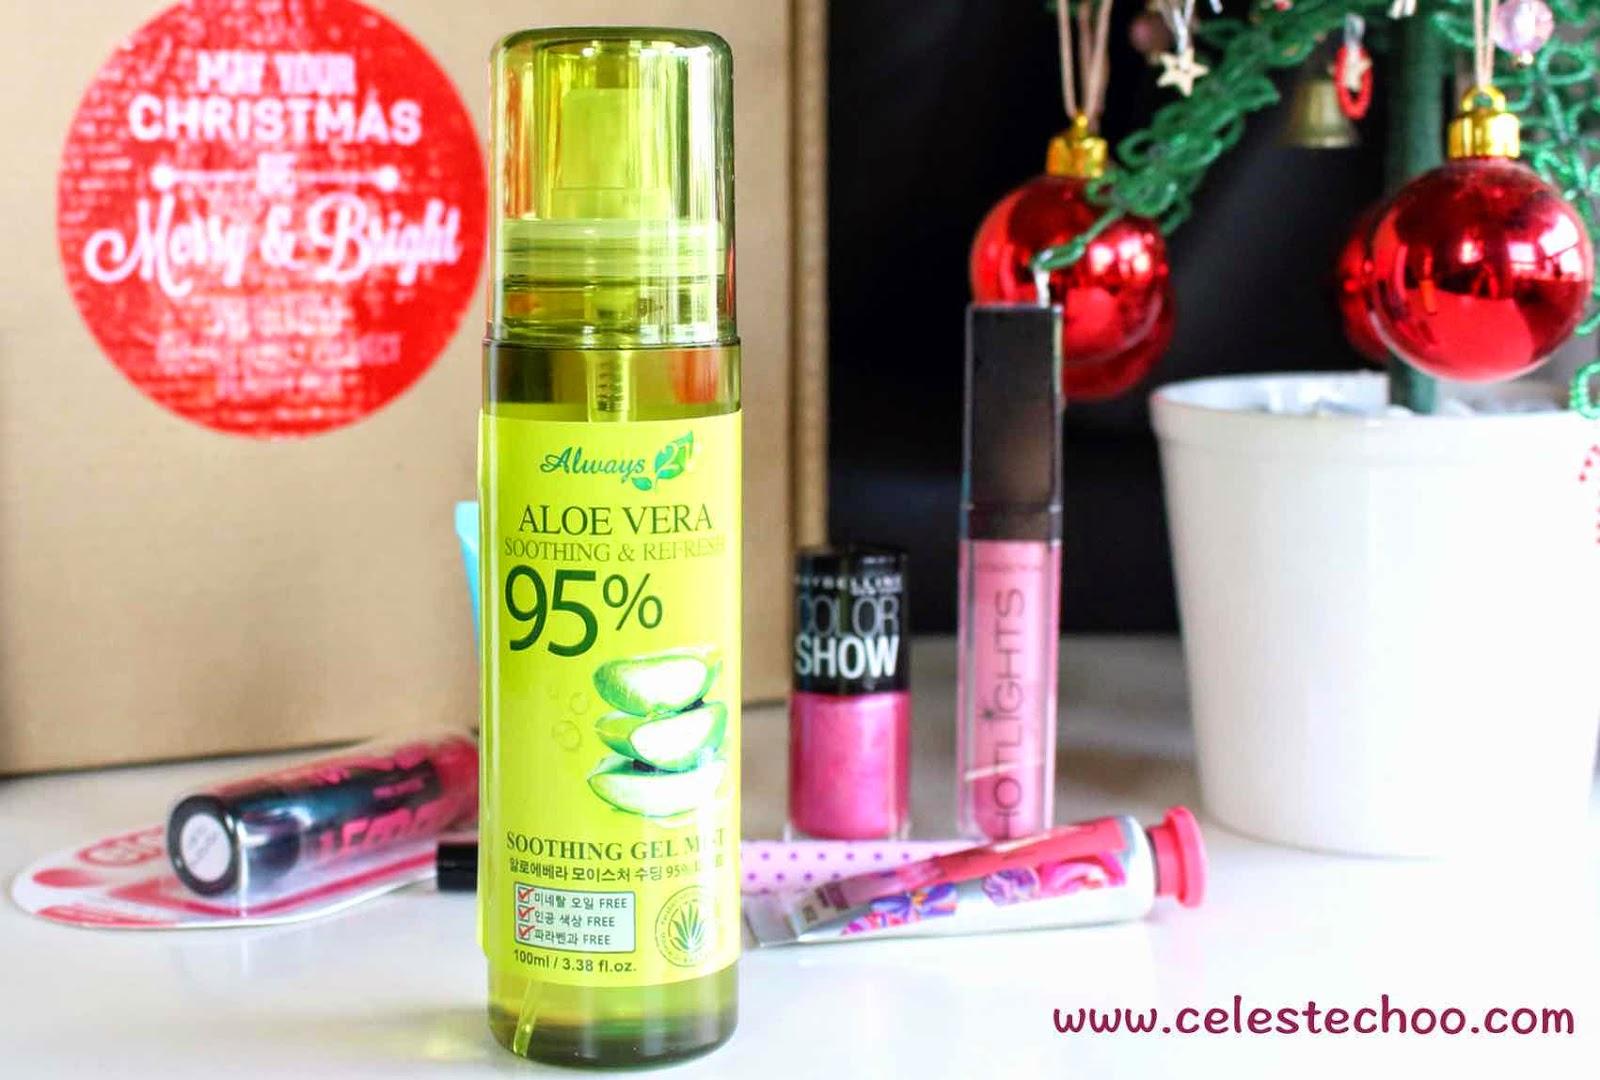 korean-skincare-always21-aloe-vera-gel-mist-soothing-refreshing